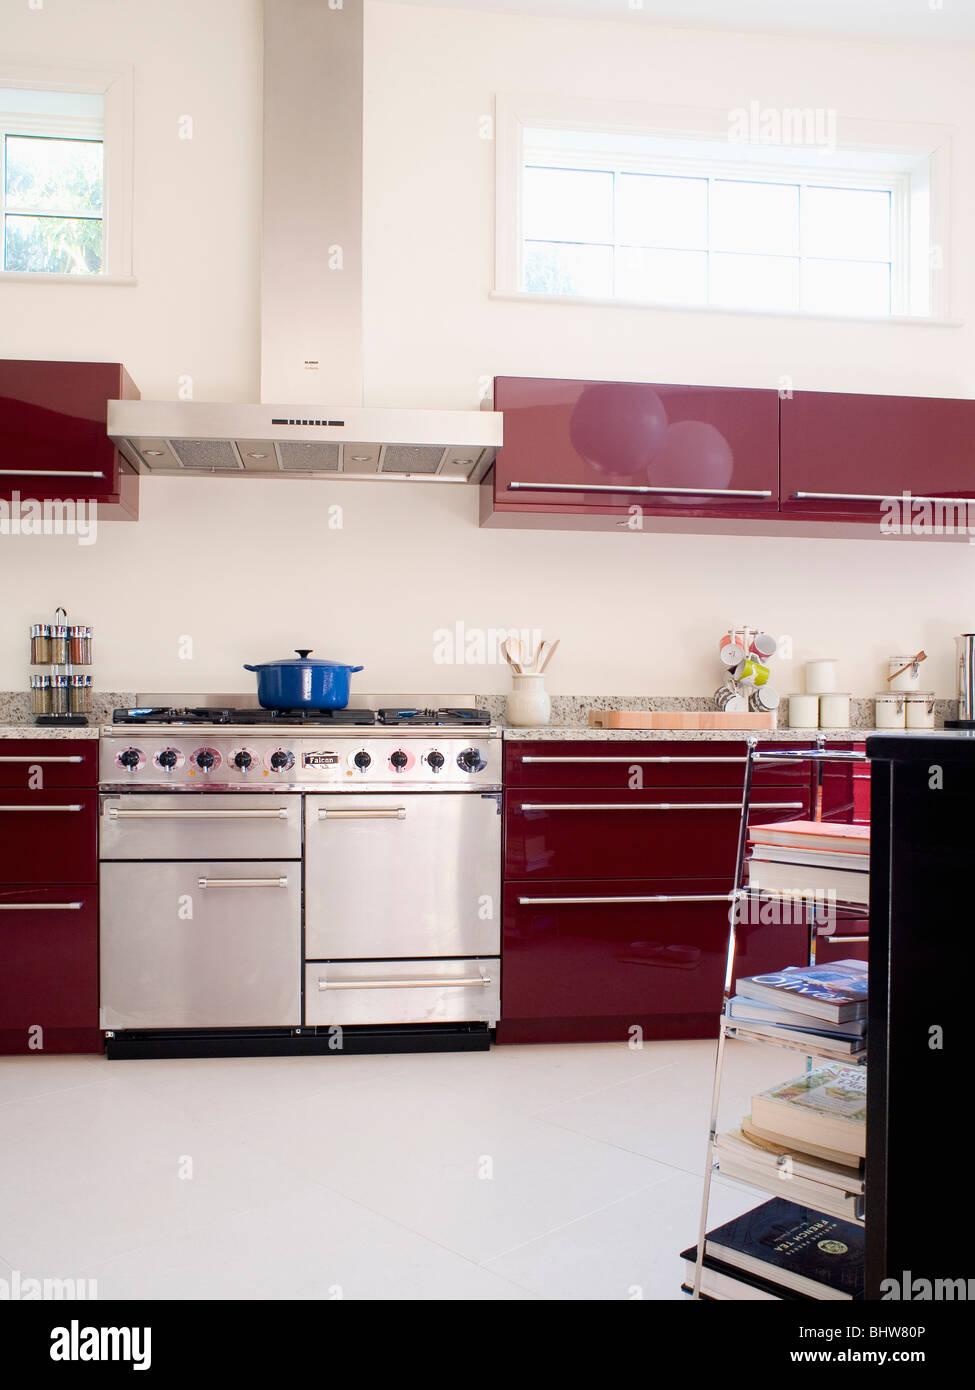 Edelstahl Herd In Moderne Küche Mit Weißer Bodenbelag Und Dunkle Rote Wand  Schränke